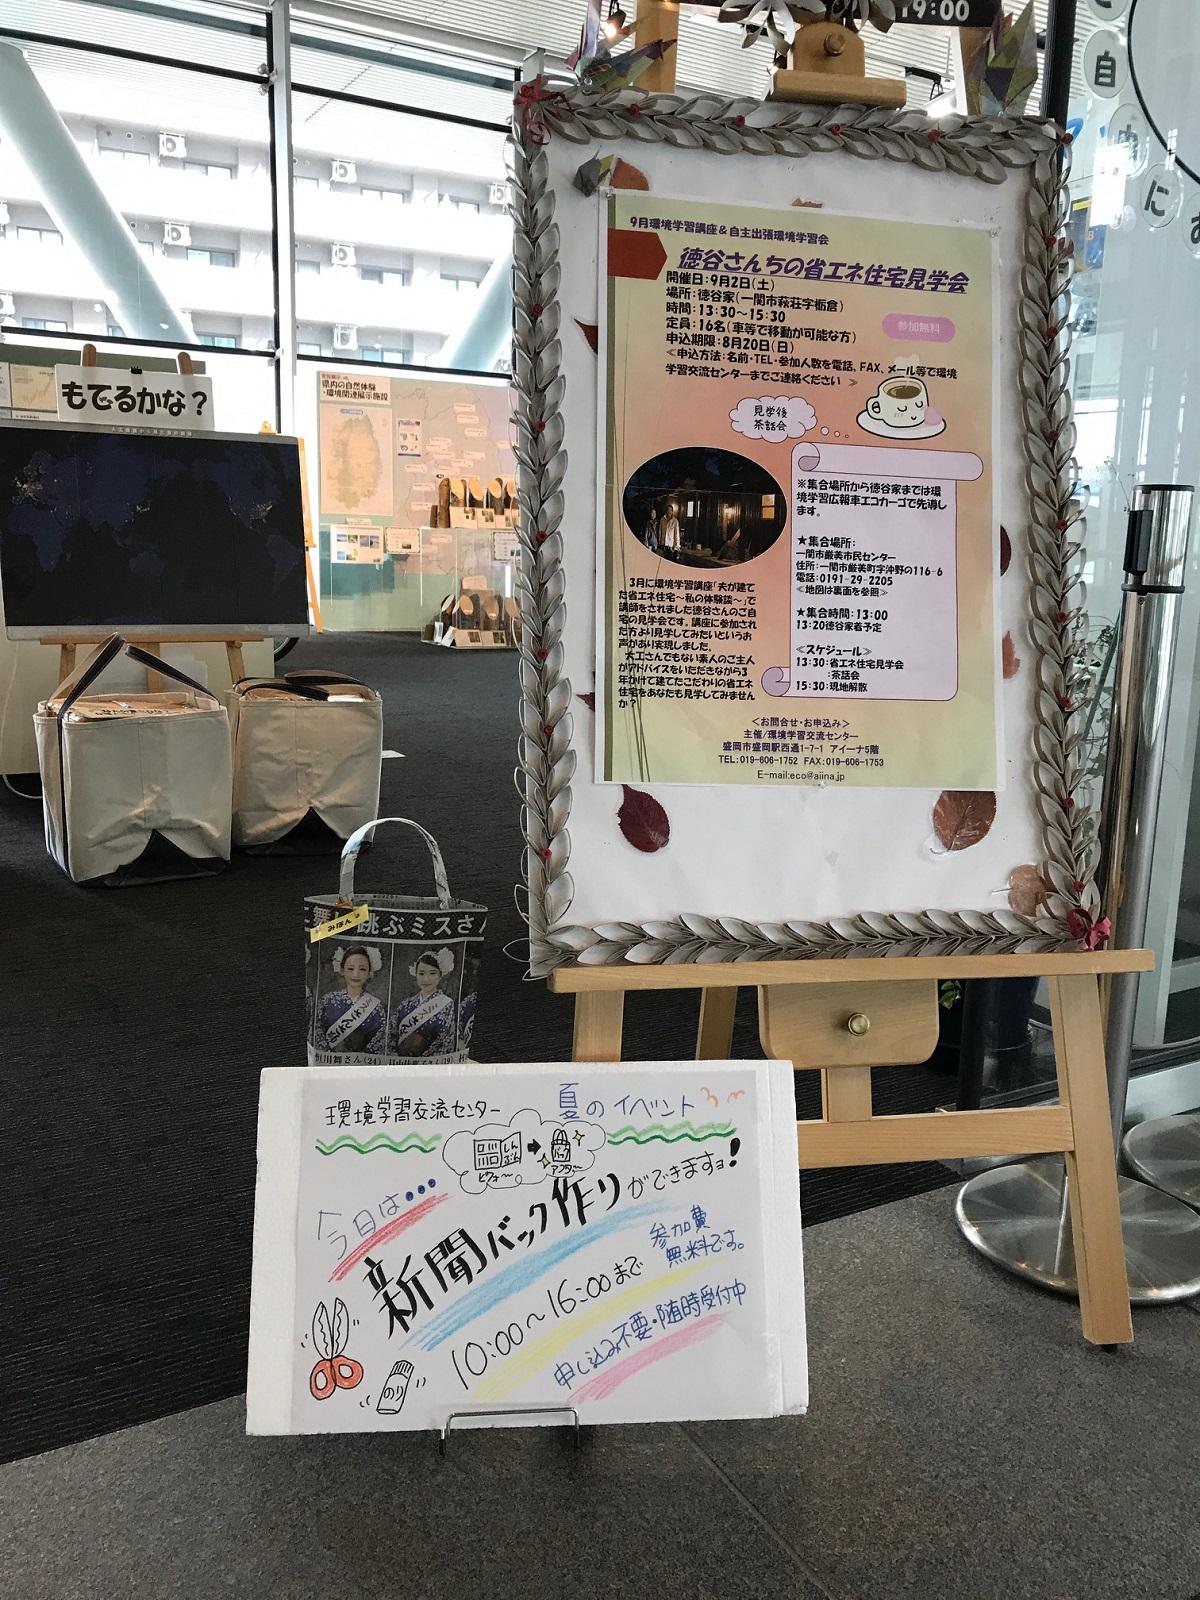 http://blog.iwate-eco.jp/2017/08/12/IMG_1218.jpg